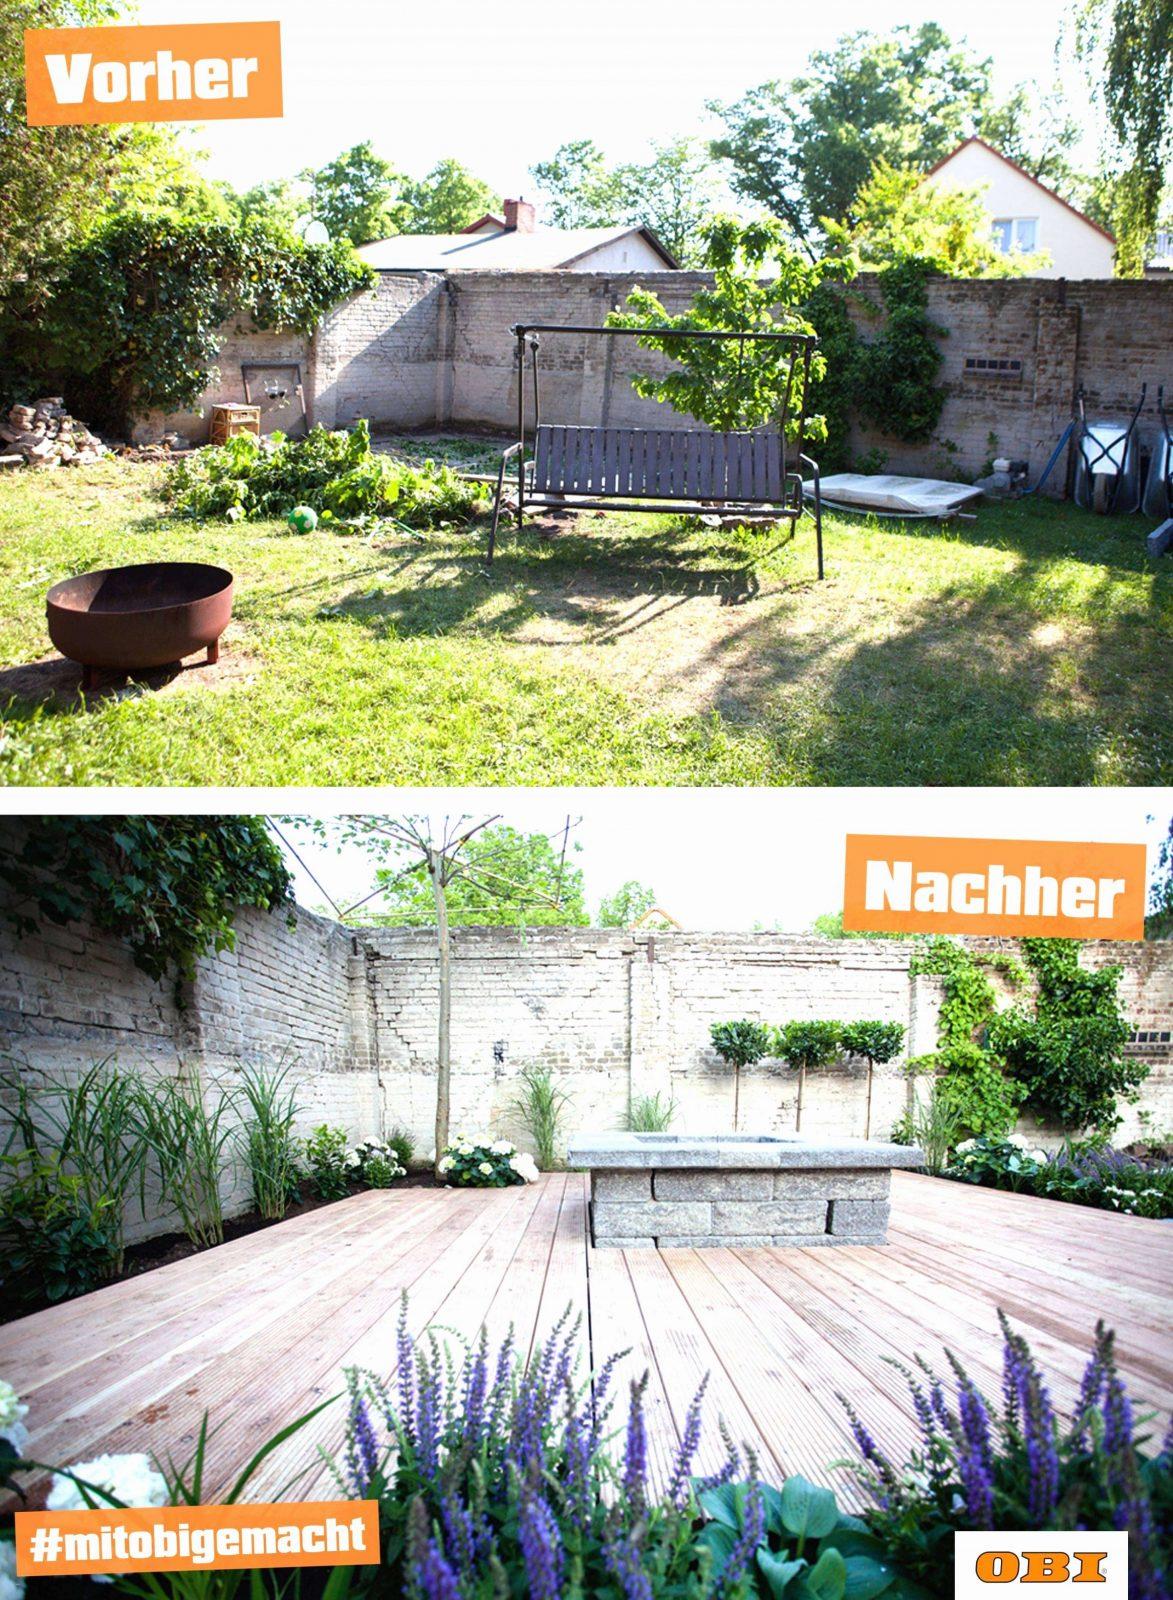 Gartengestaltung Mit Steinen Am Hang Neueste Modelle Garten Hang von Gartengestaltung Mit Steinen Am Hang Bild